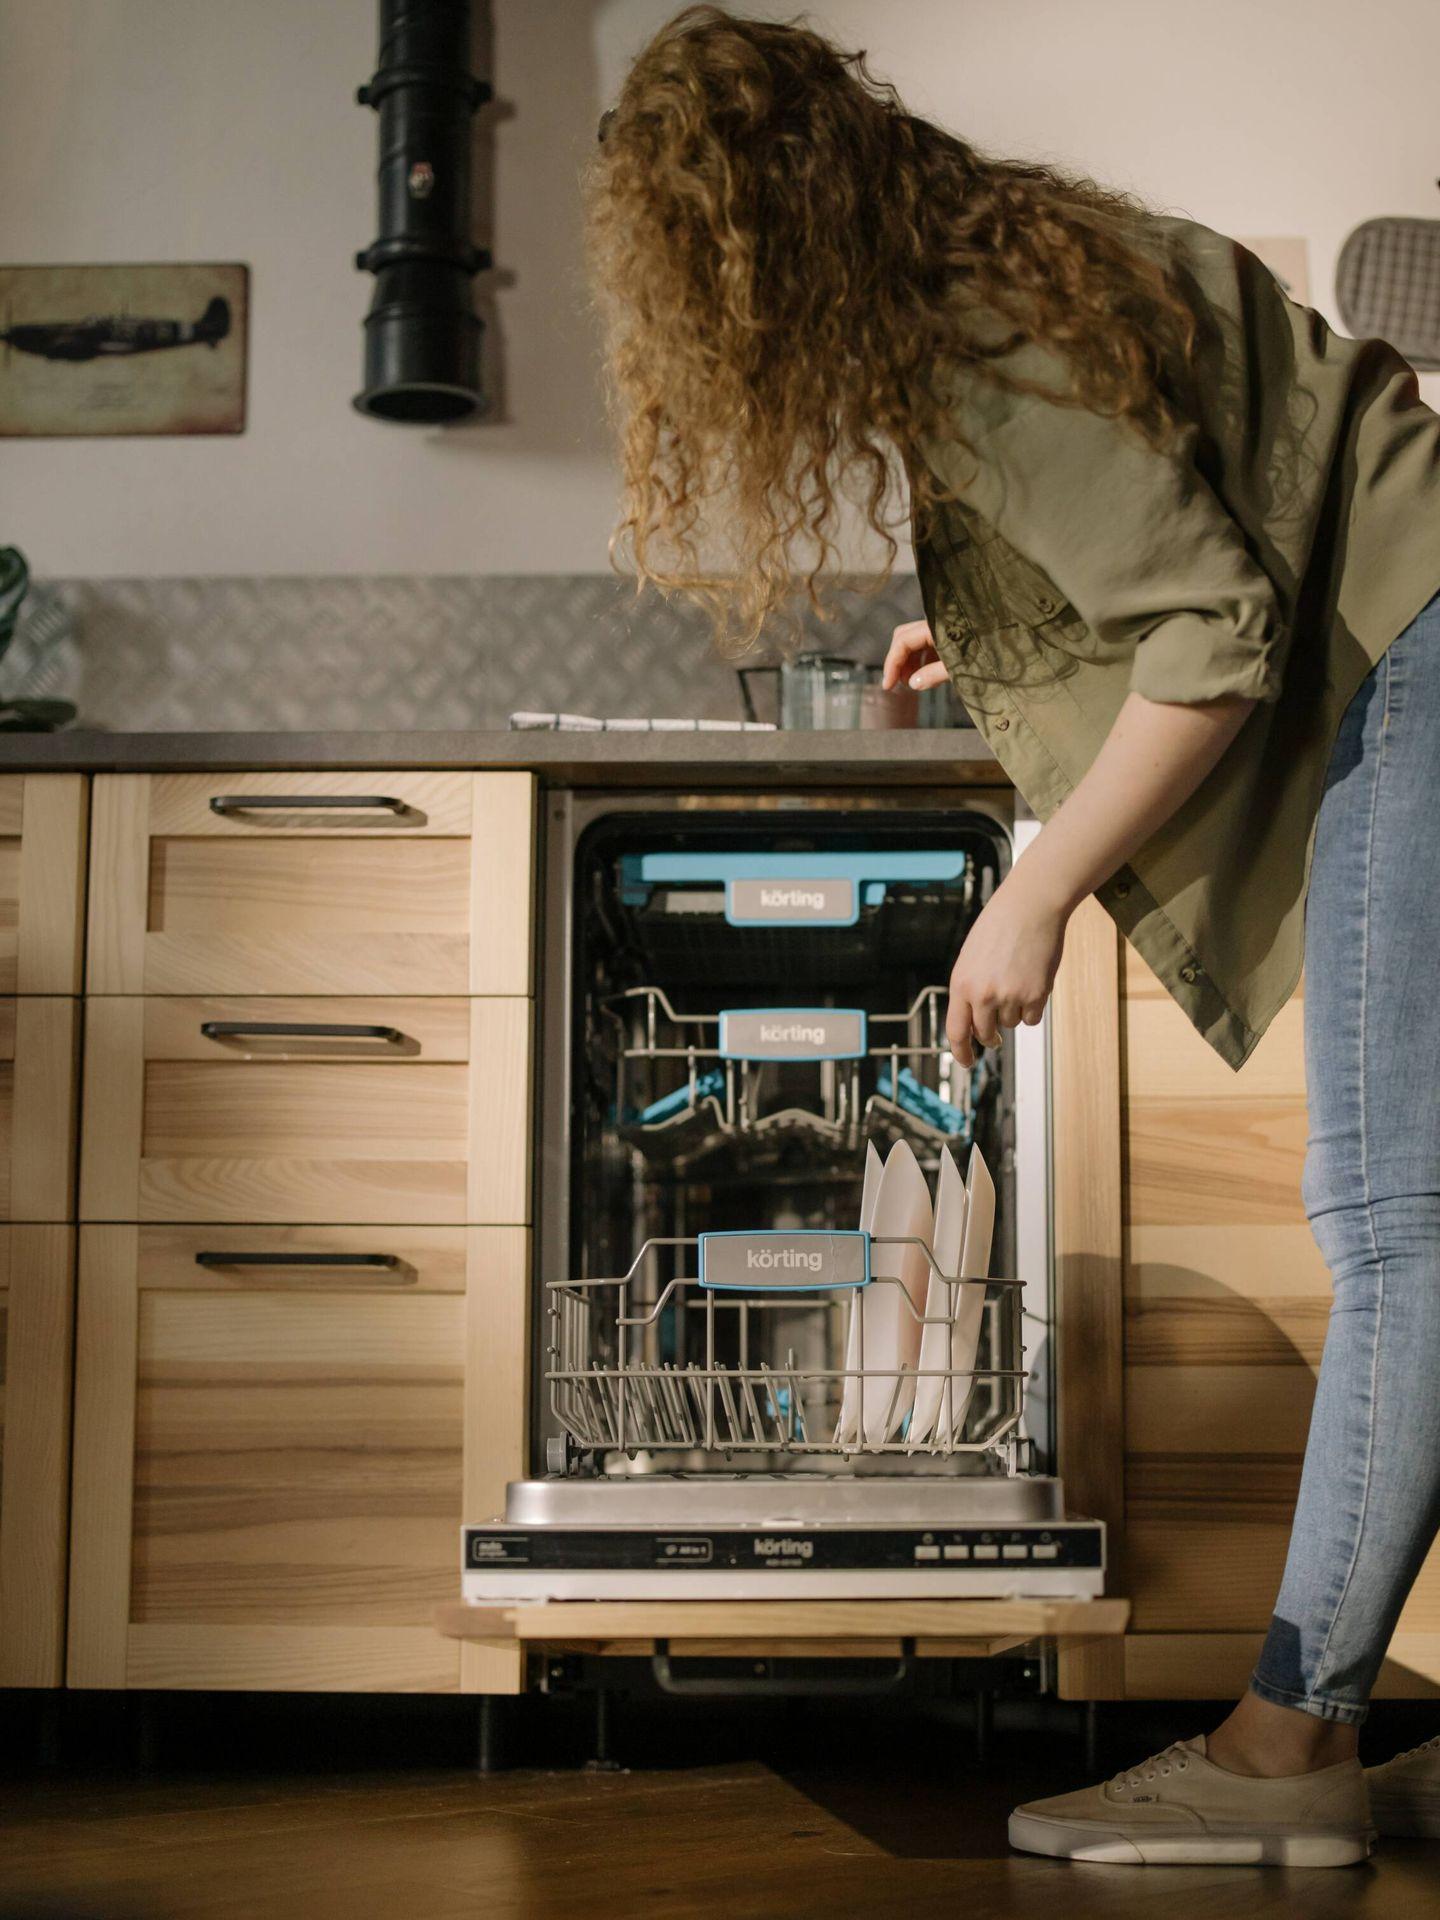 Añade actividades de limpieza a tus rutinas diarias según el método FlyLady. (Cottonbro para Pexels)